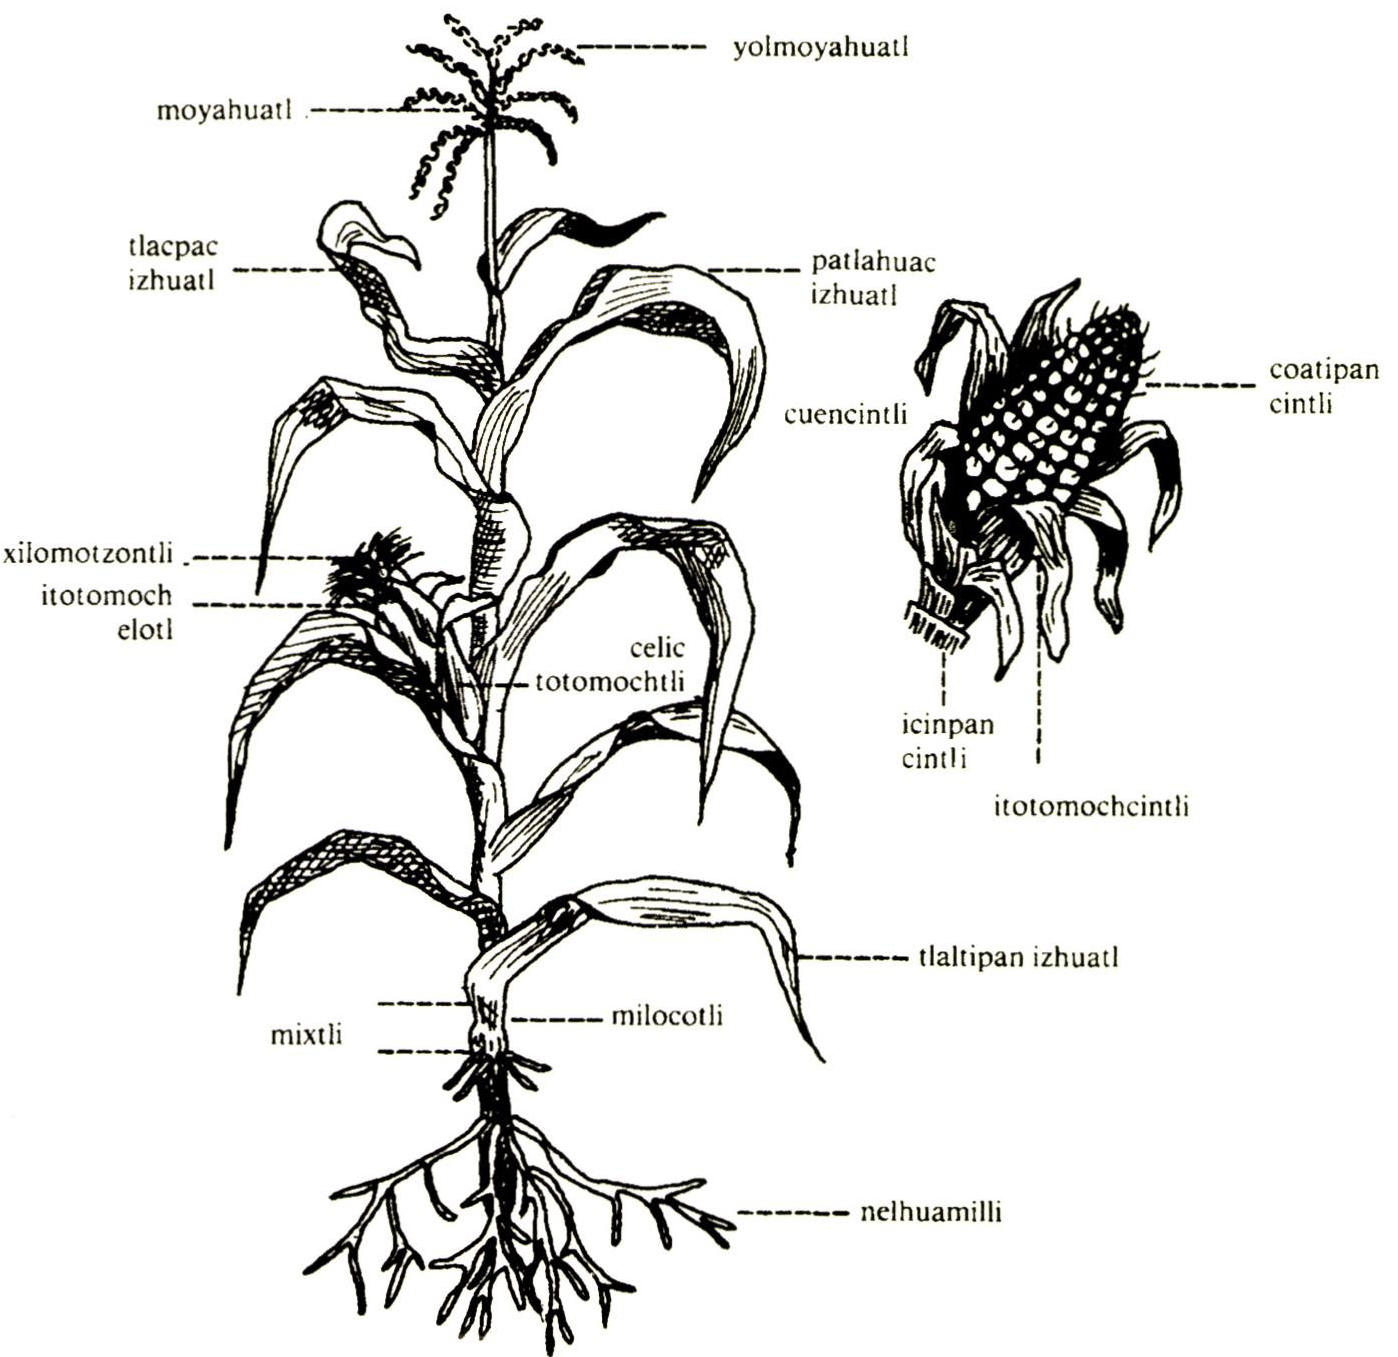 Etnografía de los confines - Etnografía del maíz: variedades, tipos ...